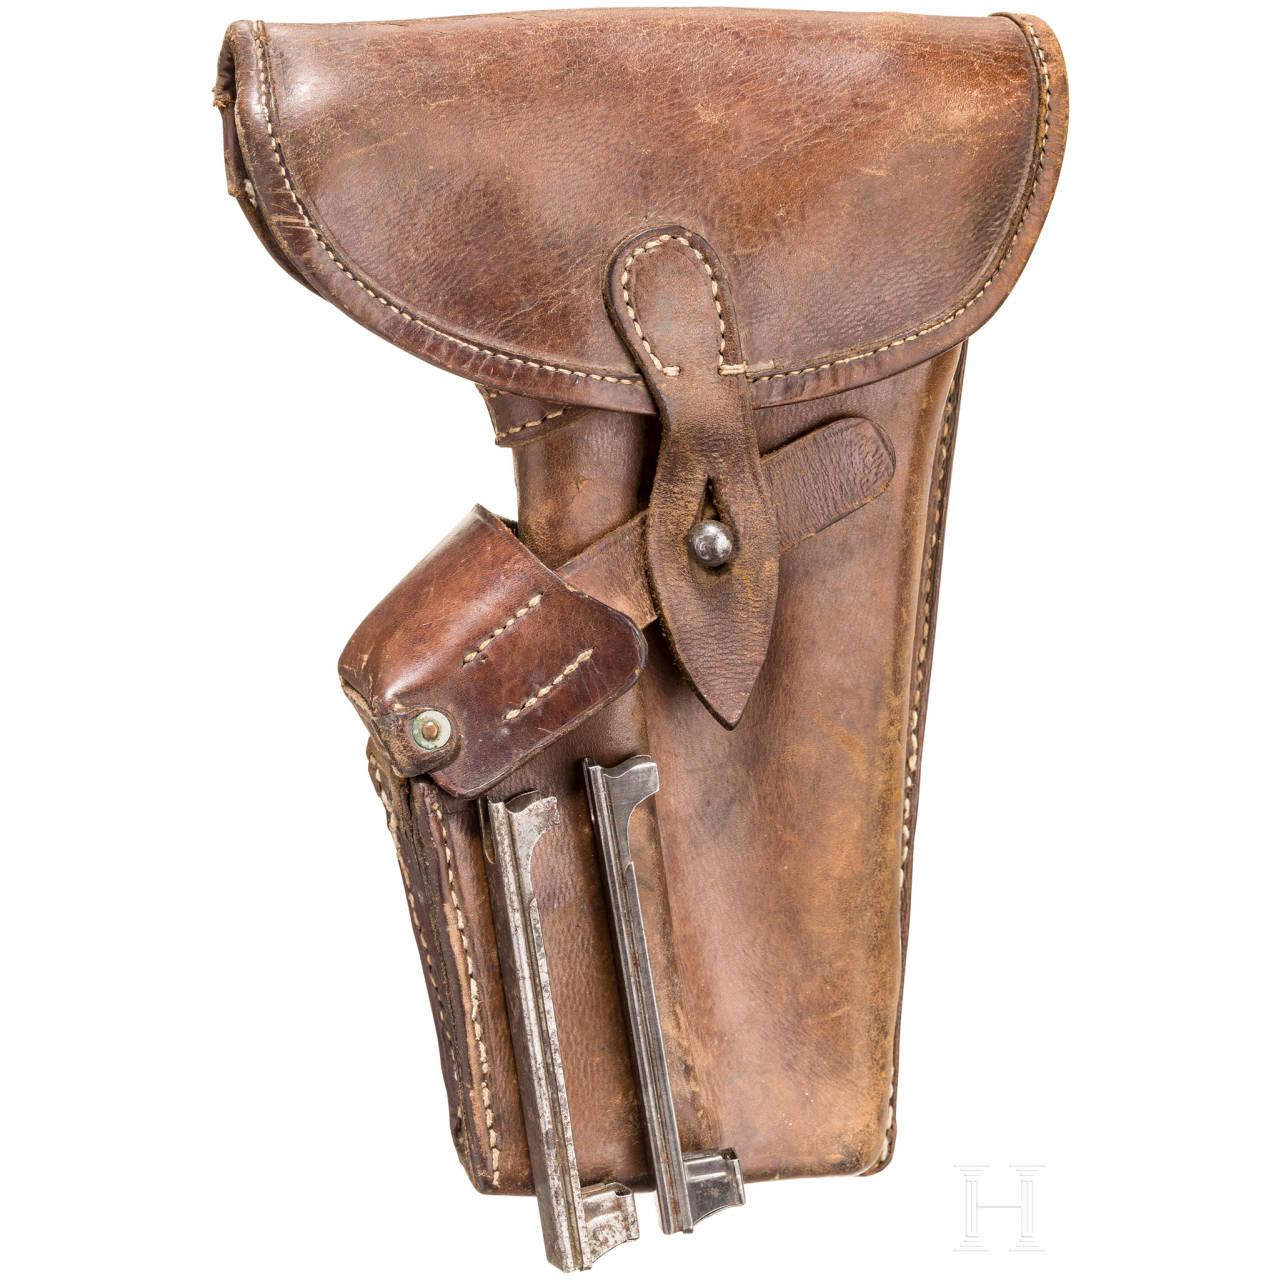 Tasche für Roth-Steyr Mod. 07, mit zwei Ladestreifen